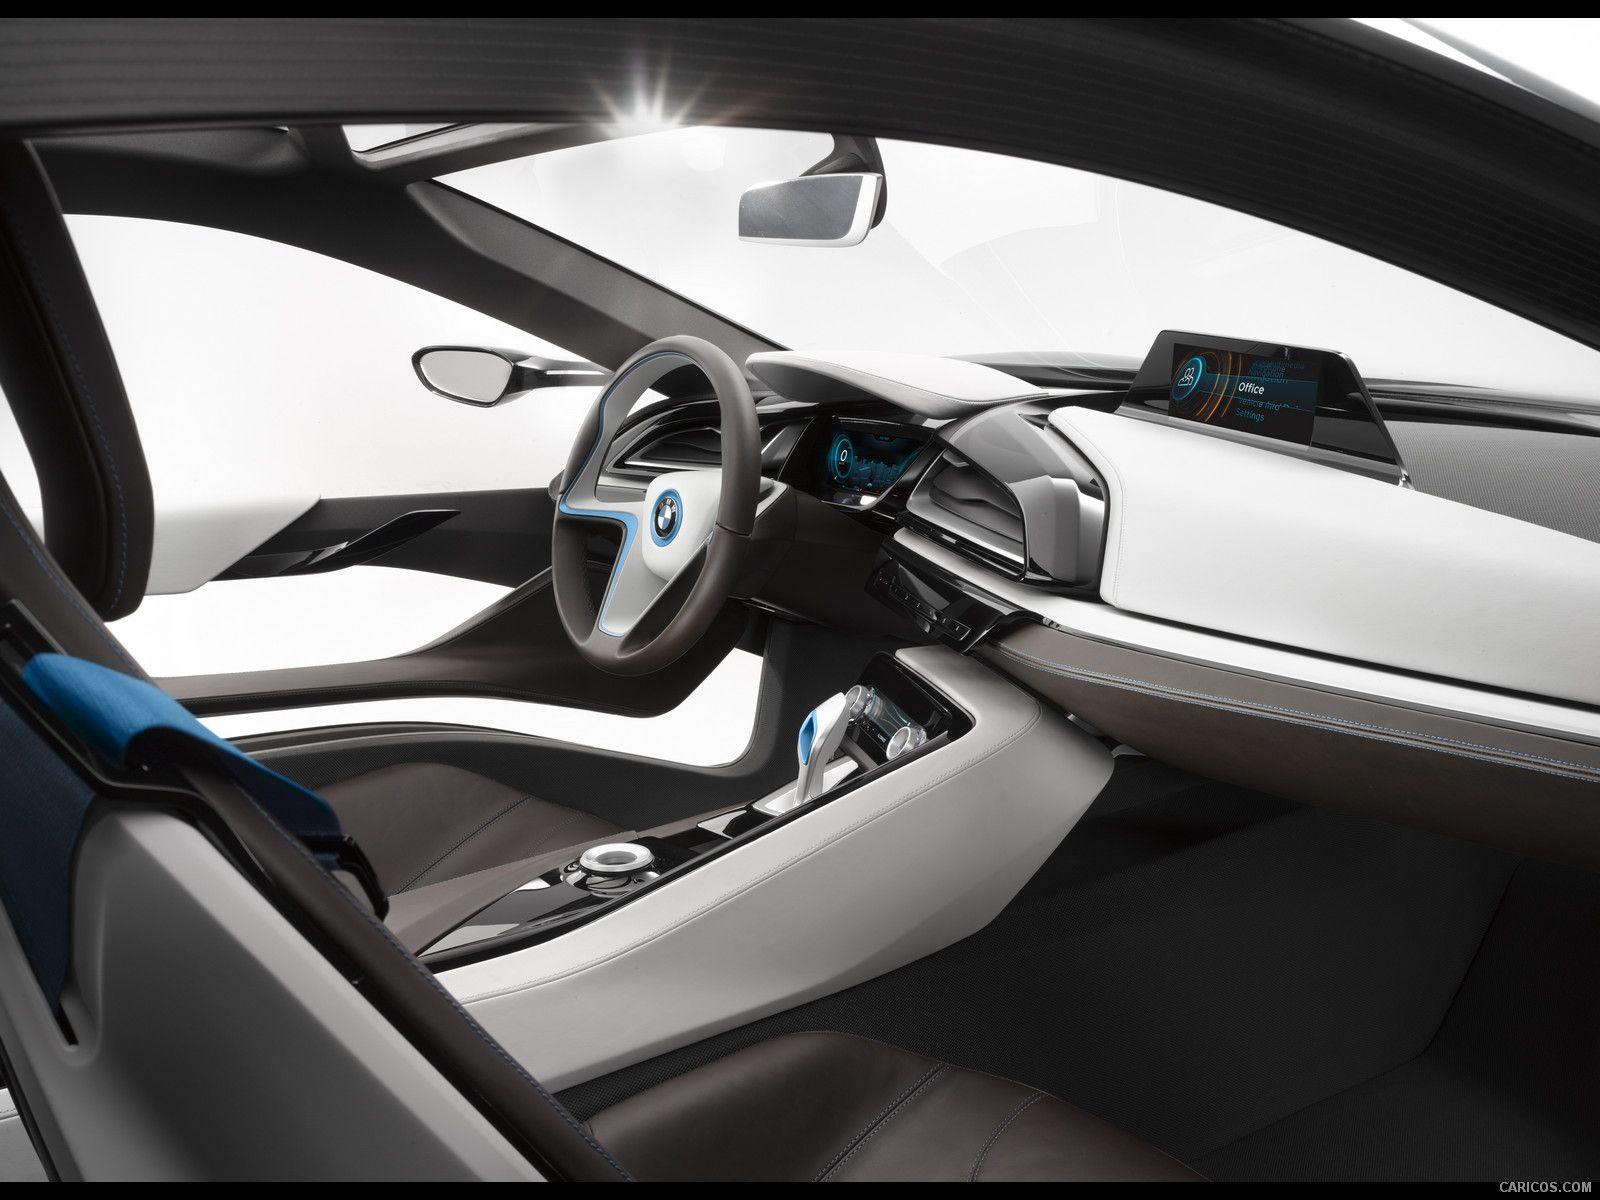 Cars interior designbmw i8car